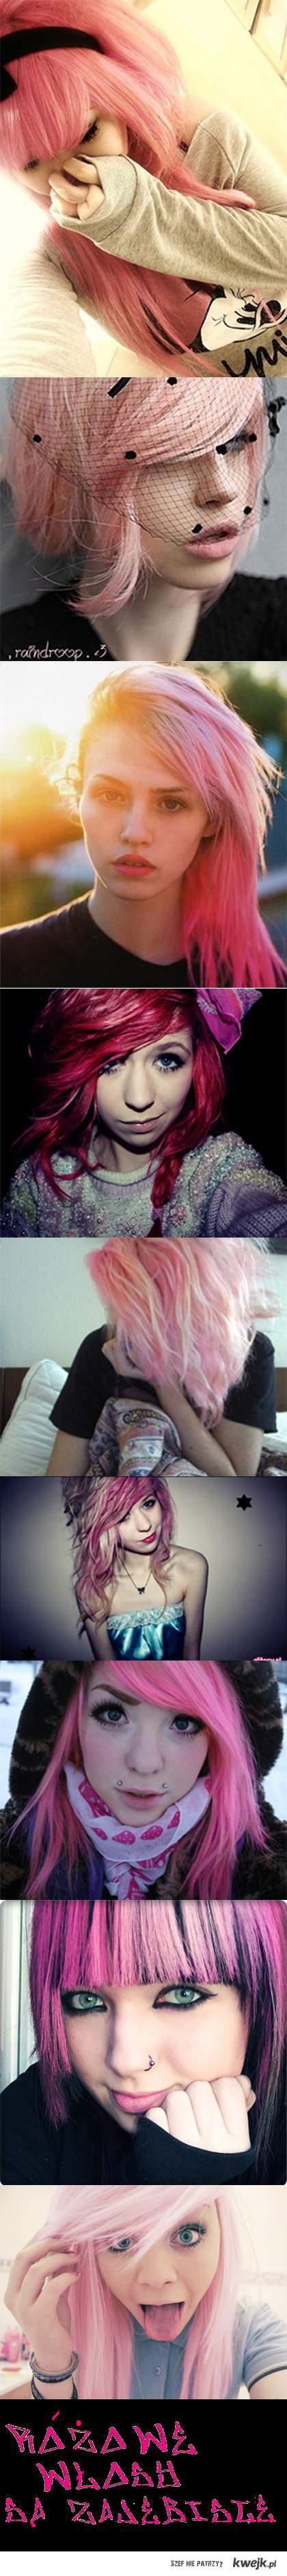 Różowe włosy są zajebiste